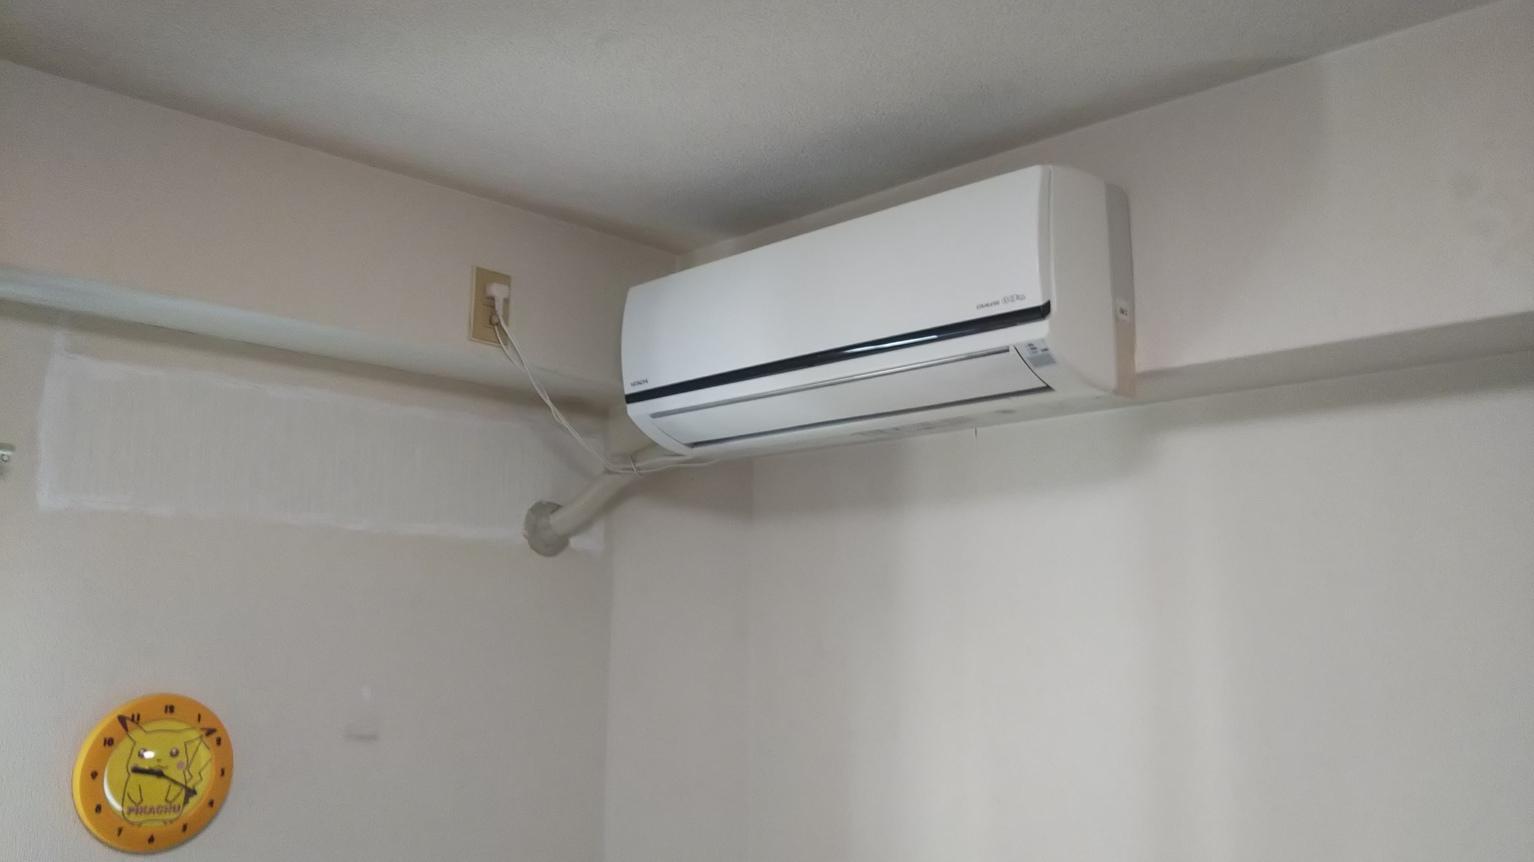 垂水区N様宅のエアコンの取り替え工事を受けました。